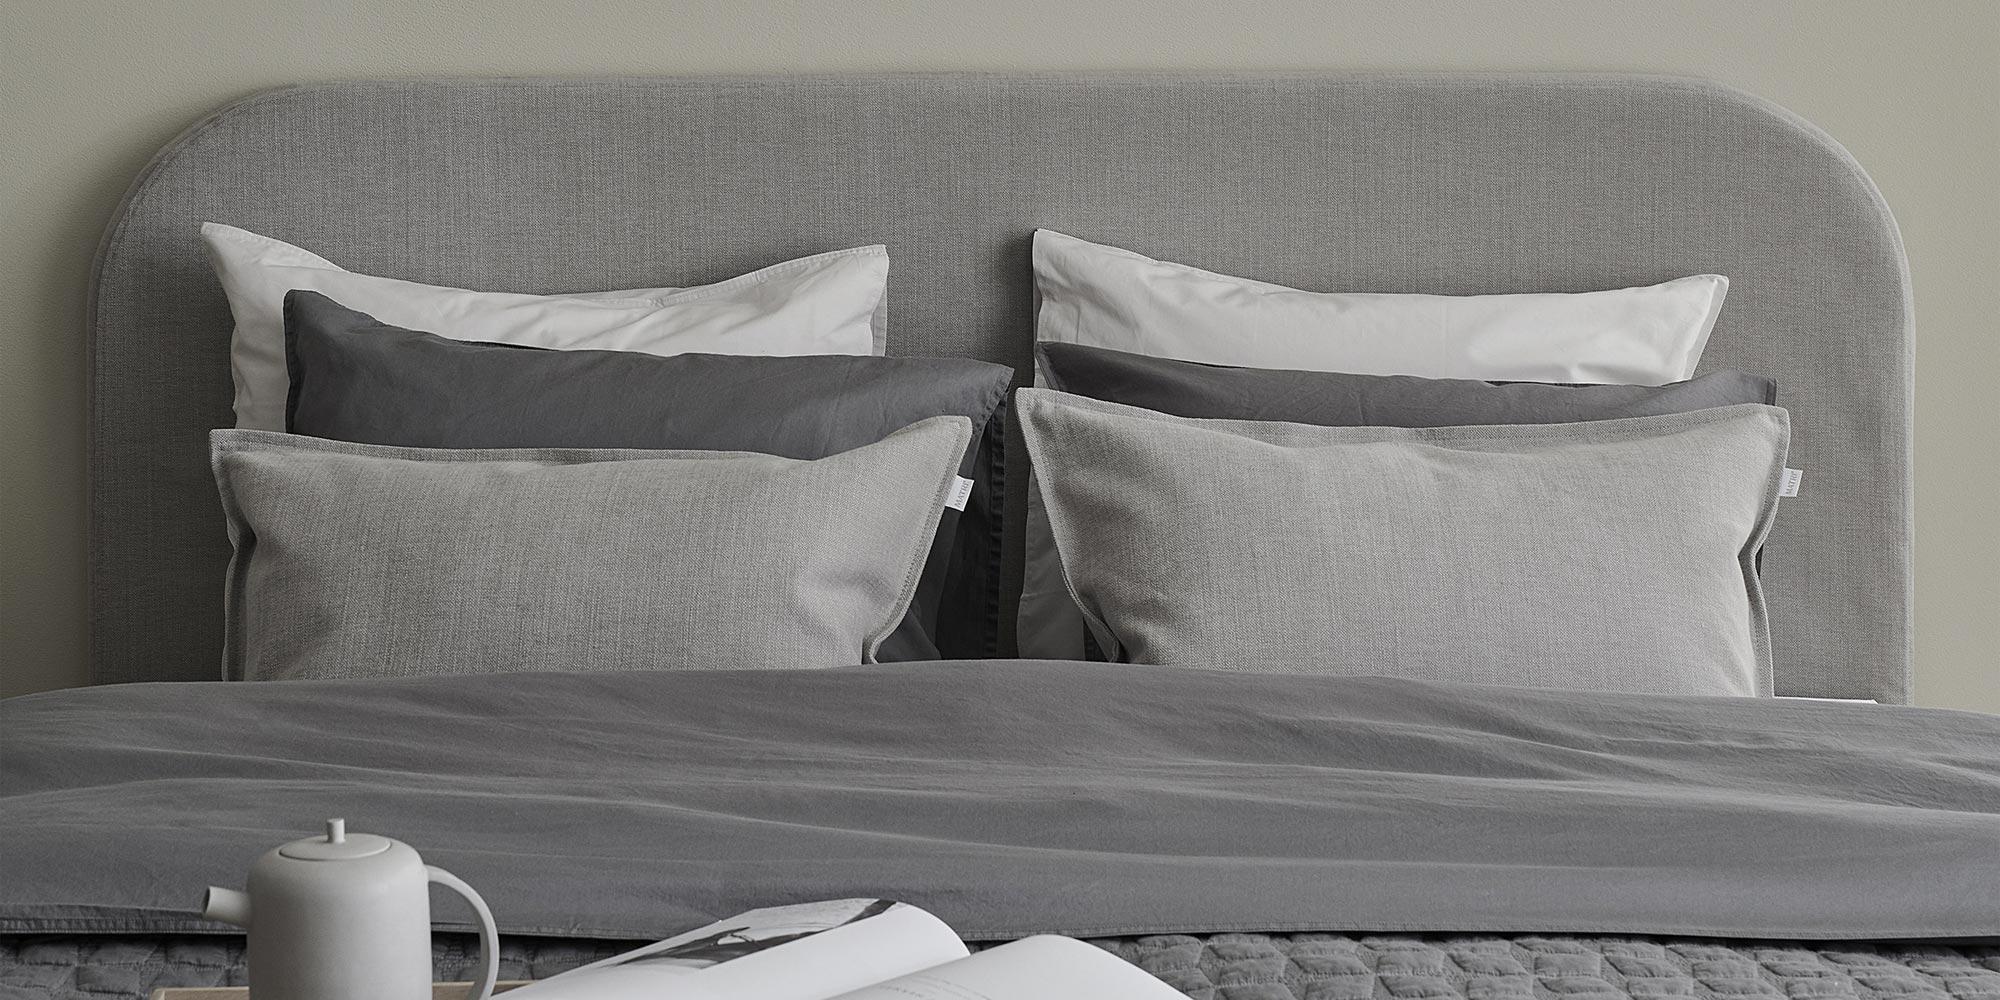 Full Size of Kopfteile Für Betten überlänge Gardinen Wohnzimmer Sprüche Die Küche Kaufen 140x200 Vinyl Fürs Bad Innocent Bock Jensen Teenager Holz Bilder Sofa Bett Kopfteile Für Betten